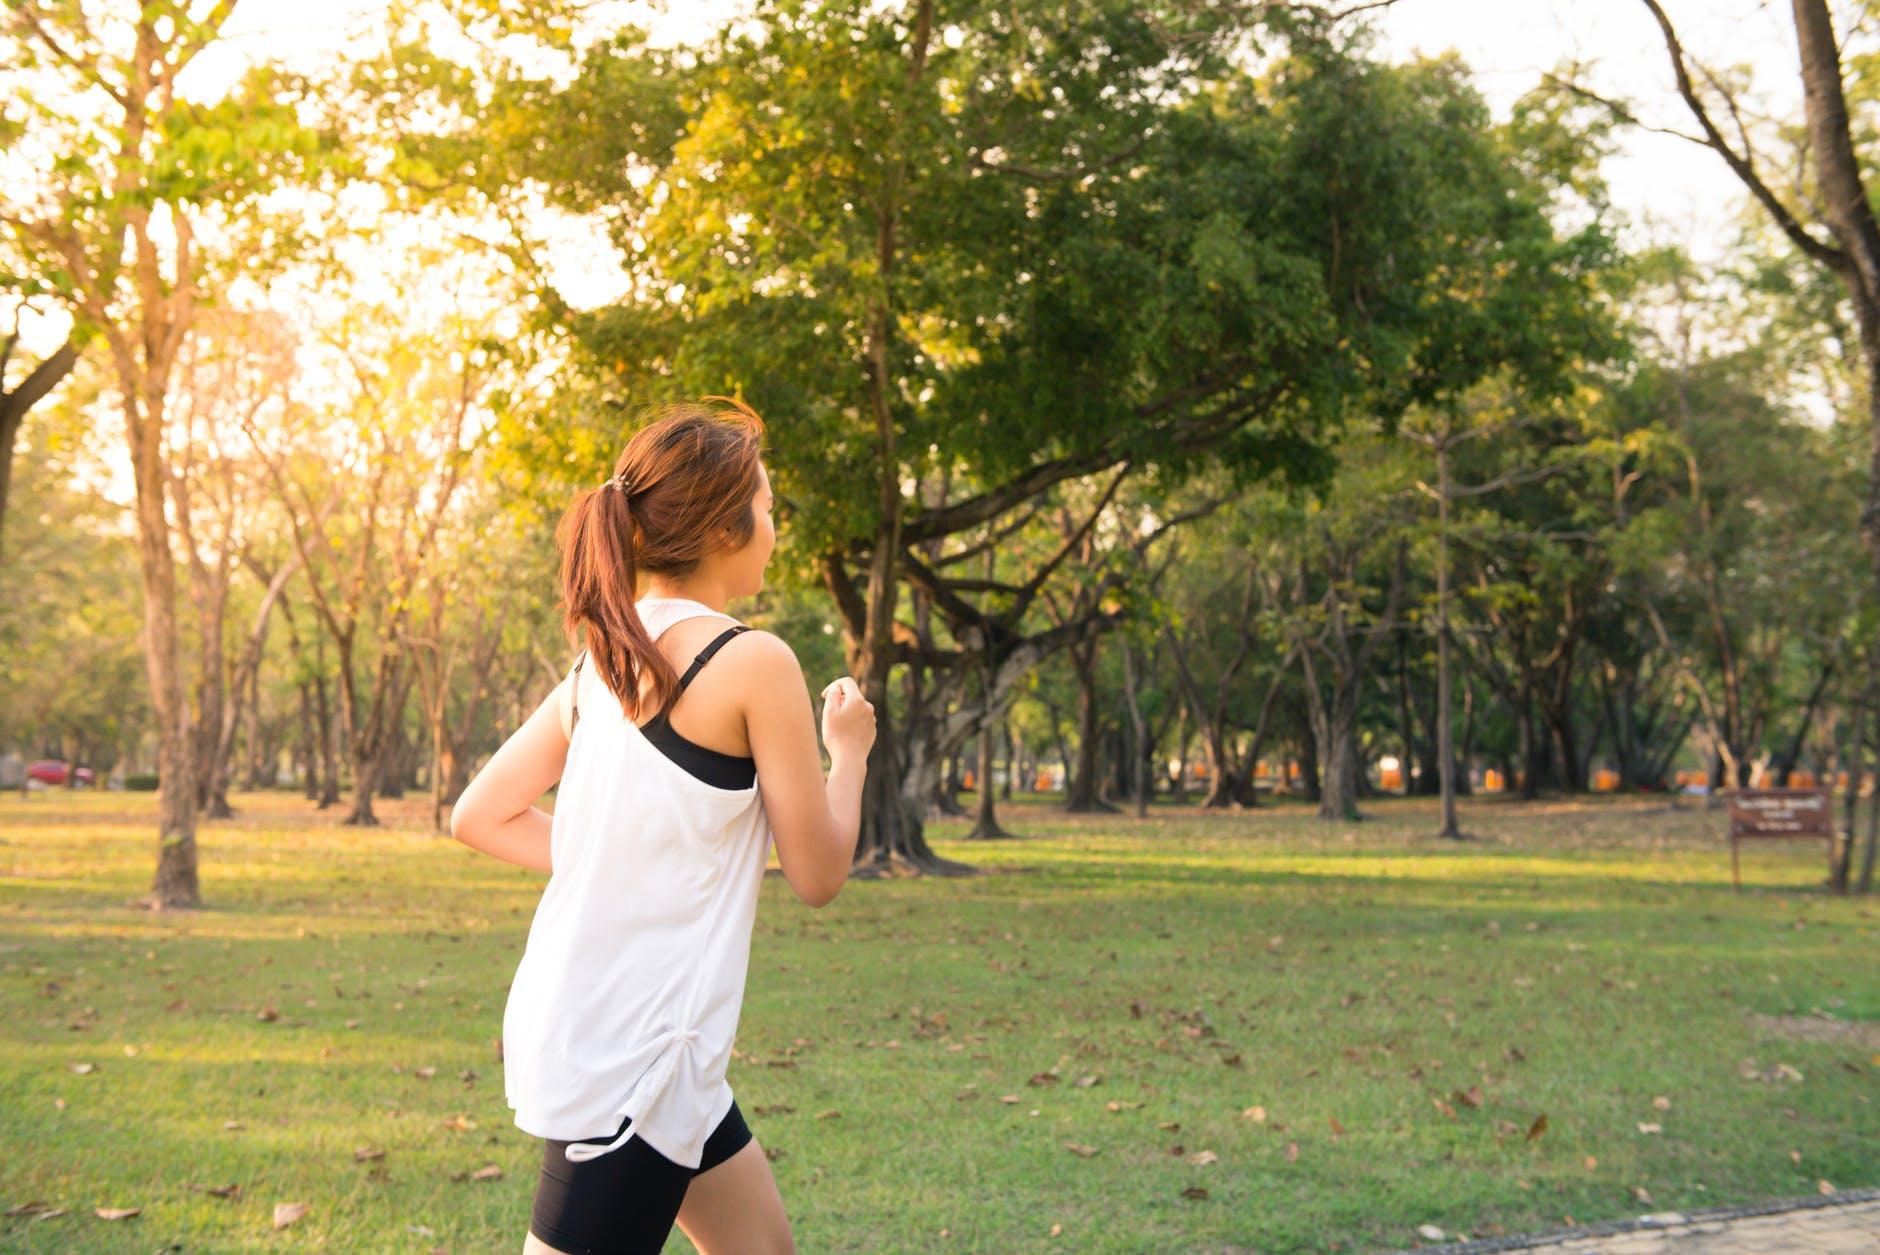 Как занятия спортом влияют на риск подхватить коронавирус